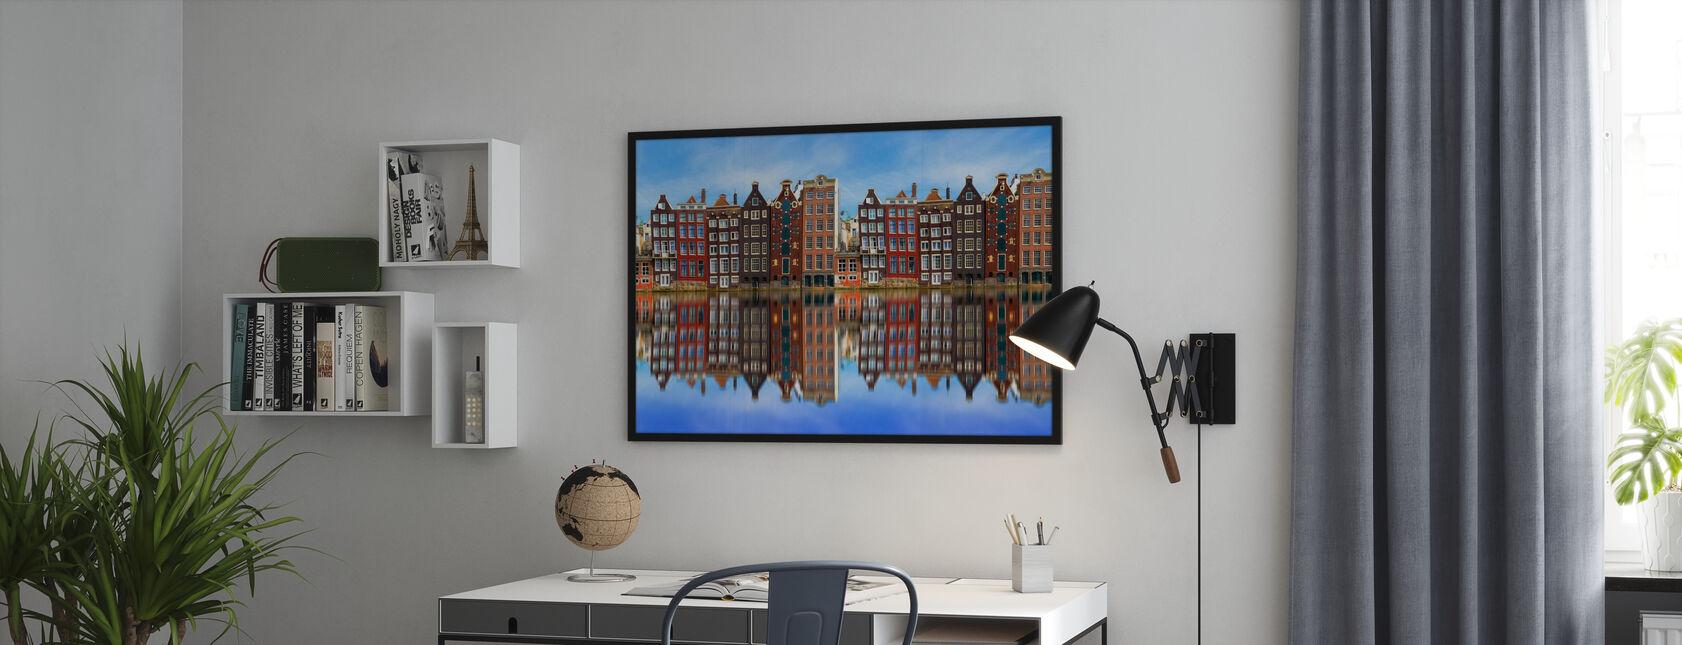 Oude Amsterdamse Huizen - Poster - Kantoor